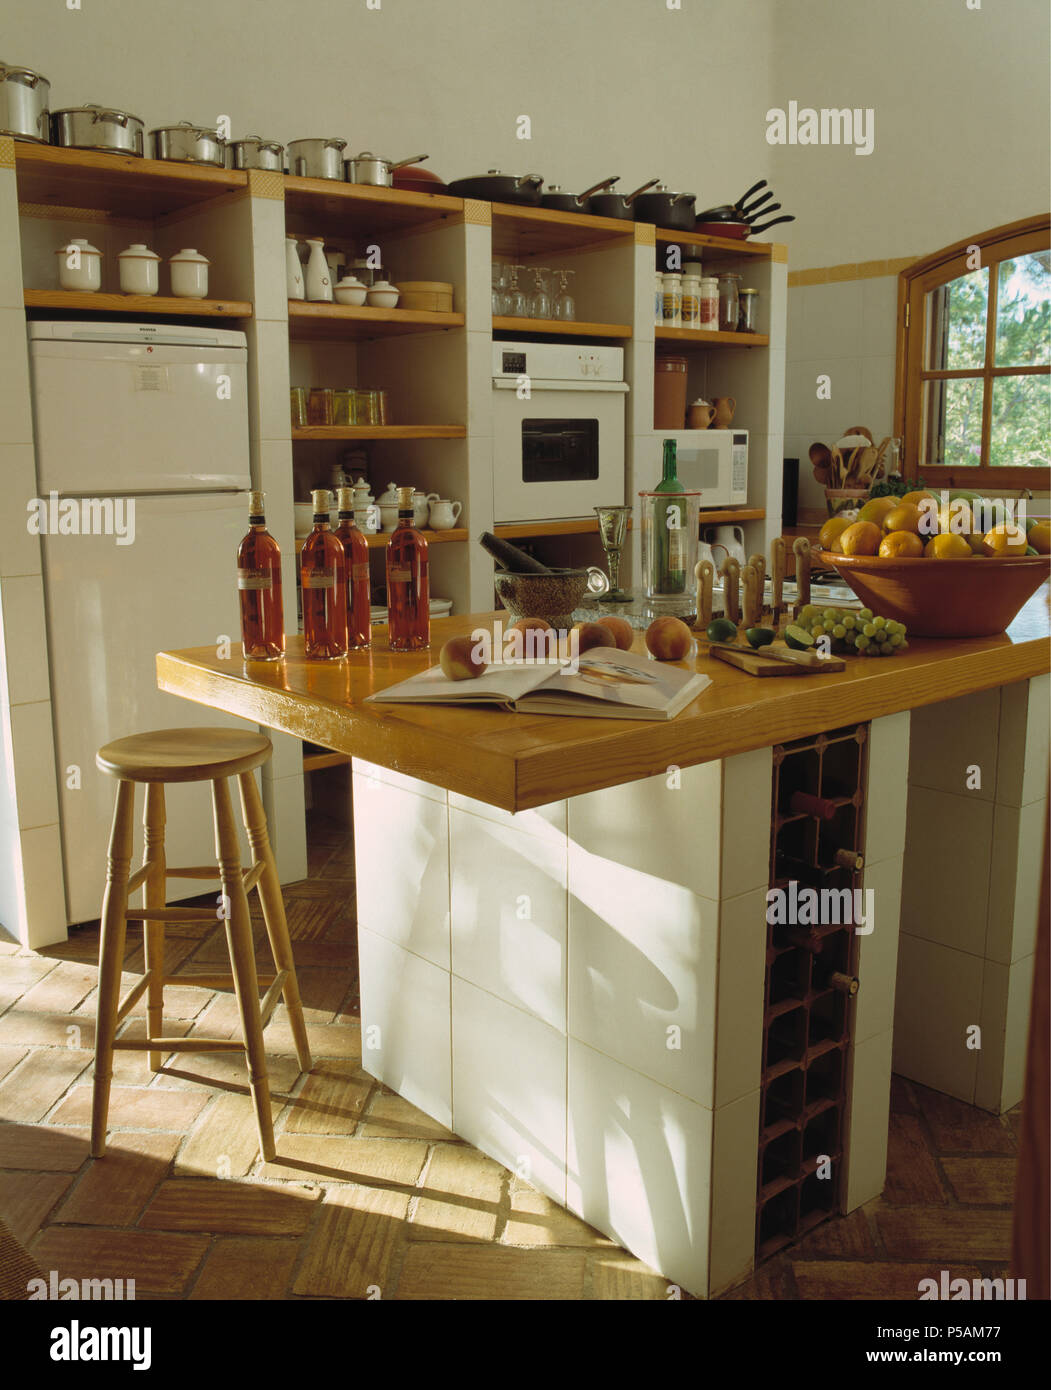 Bottiglie di olio sul piano di lavoro in legno di isola in unità greca costiera cucina con pavimenti in cotto Immagini Stock